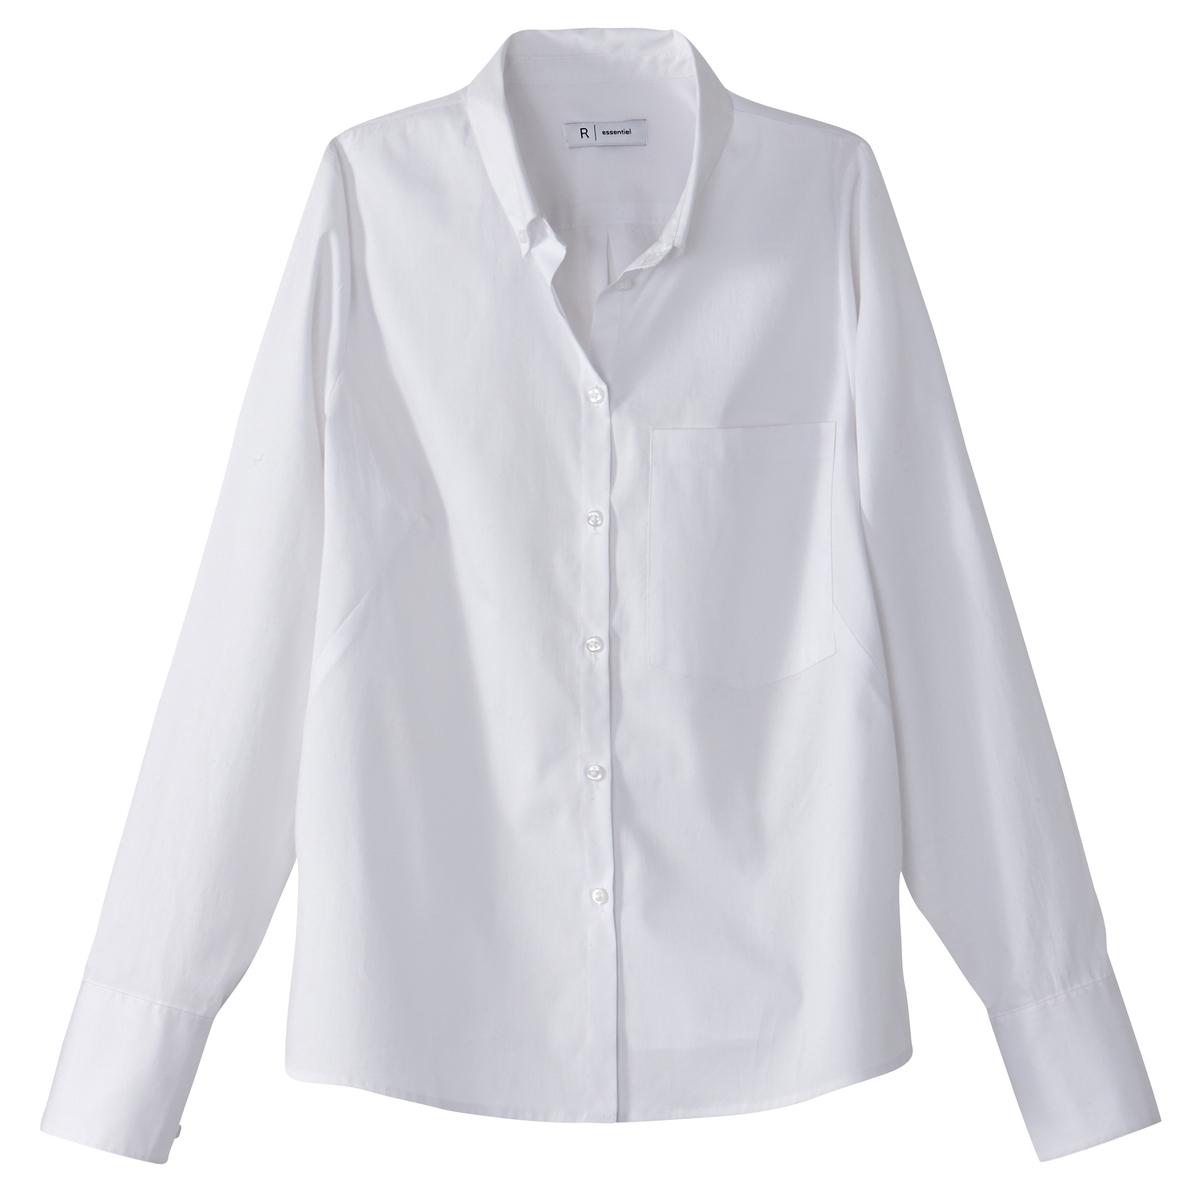 Рубашка хлопковая с длинными рукавамиДетали •  Длинные рукава  •  Прямой покрой  •  Воротник-поло, рубашечный  •  Кончики воротника на пуговицах Состав и уход • 99% хлопка, 1% эластана   •  Температура стирки 30°   •  Сухая чистка и отбеливание запрещены    • Барабанная сушка на слабом режиме       •  Низкая температура глажки<br><br>Цвет: белый<br>Размер: 42 (FR) - 48 (RUS).44 (FR) - 50 (RUS).46 (FR) - 52 (RUS).40 (FR) - 46 (RUS).48 (FR) - 54 (RUS)